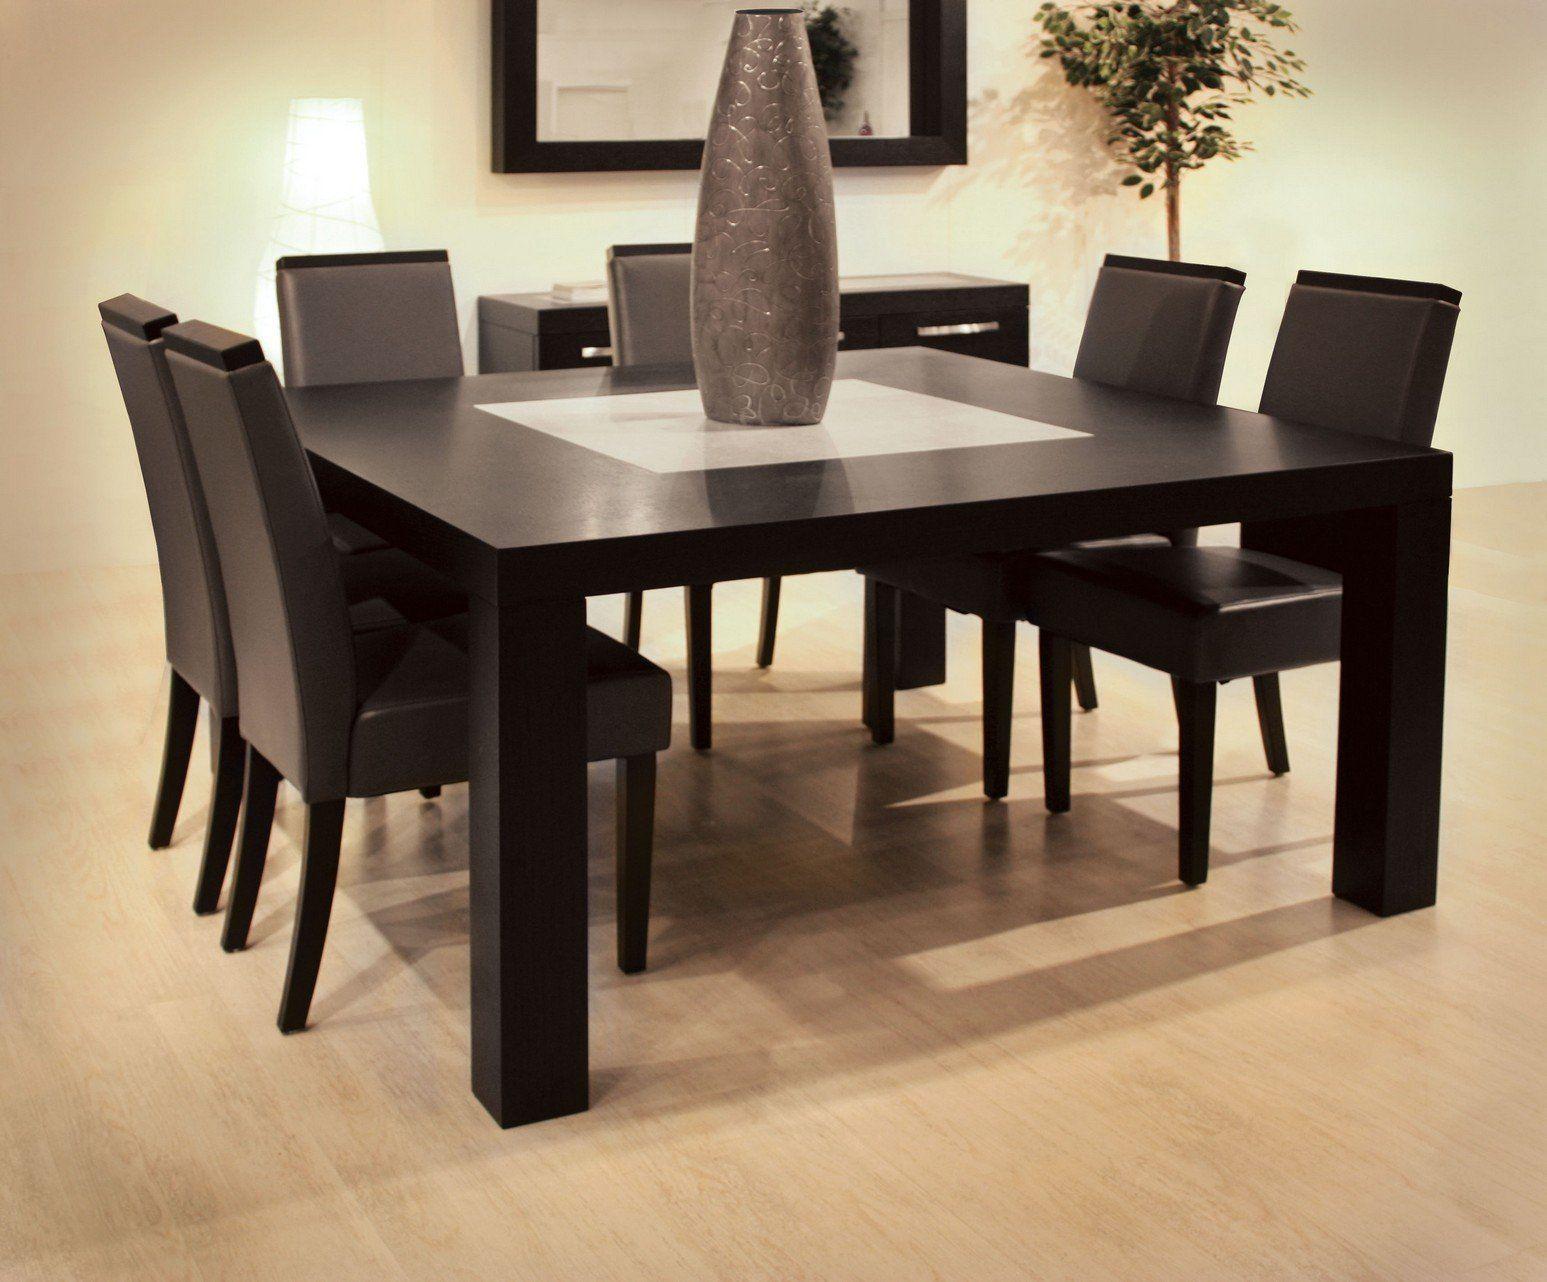 Square Dining Table Counter Height Table Marble Top Casas Decoração área De Café